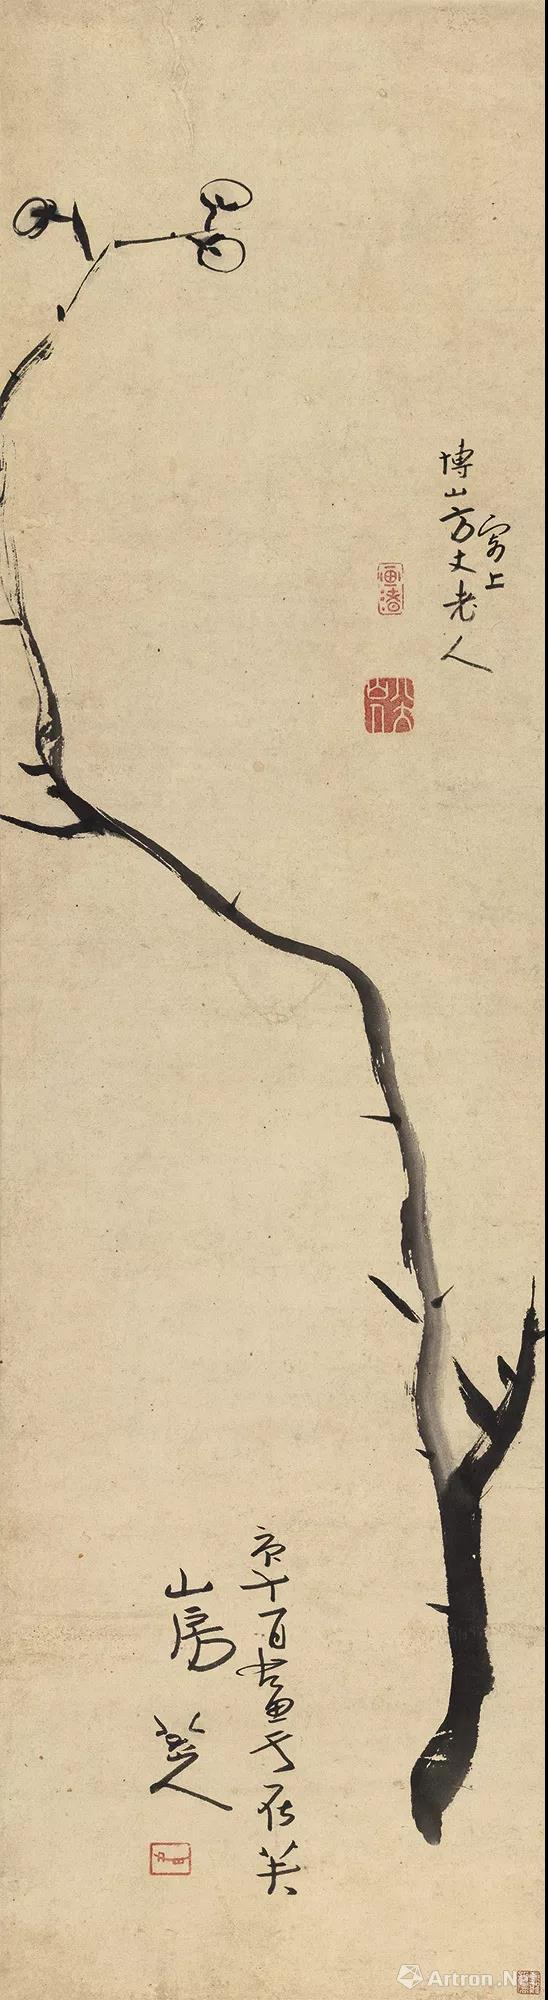 朱耷 《墨梅图》 3450万元中国嘉德